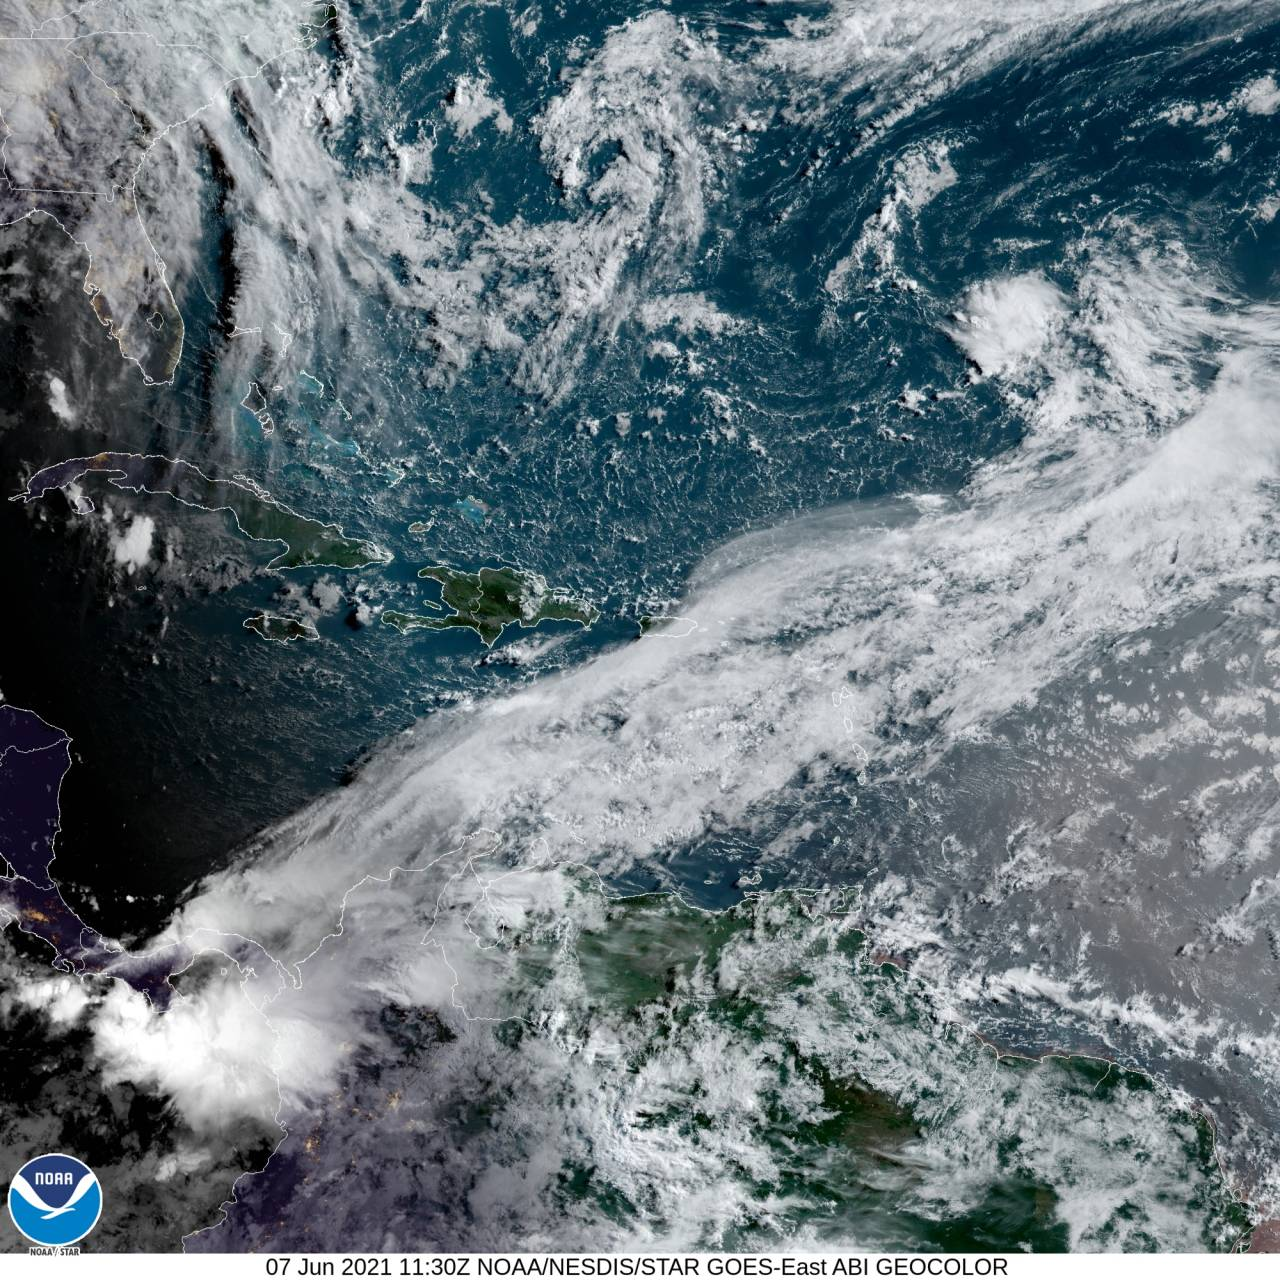 Immagine satellite 7 giugno sul Mar dei Caraibi (Fonte NOAA)